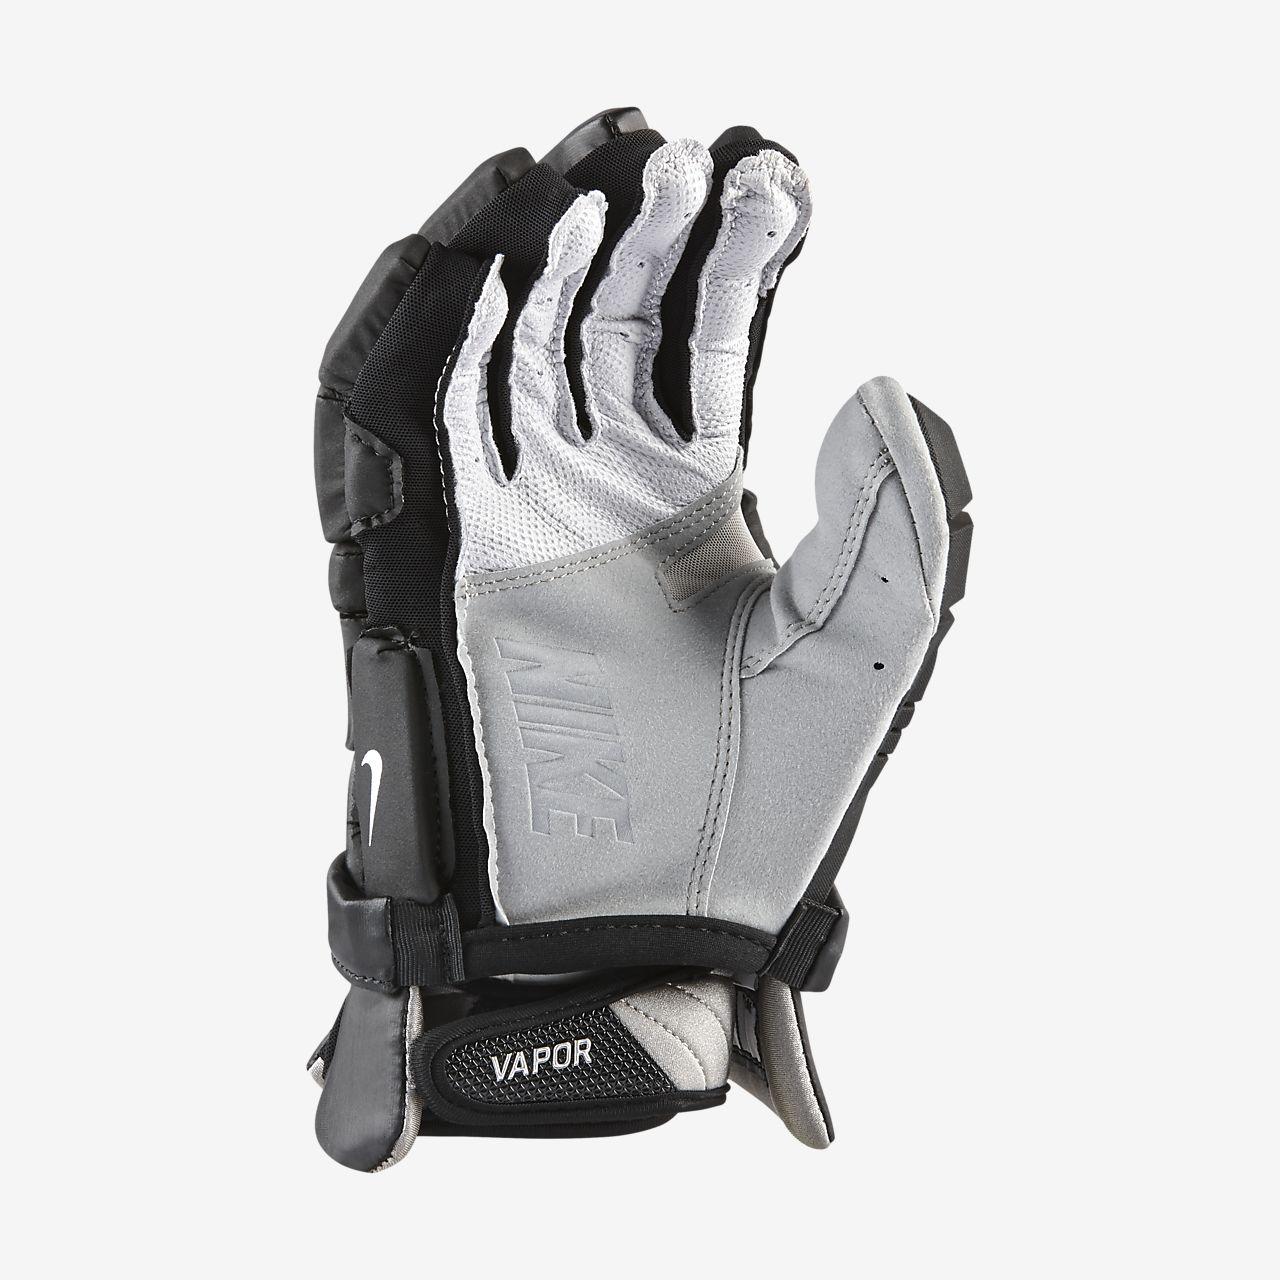 ... Nike Vapor Elite Men's Lacrosse Gloves